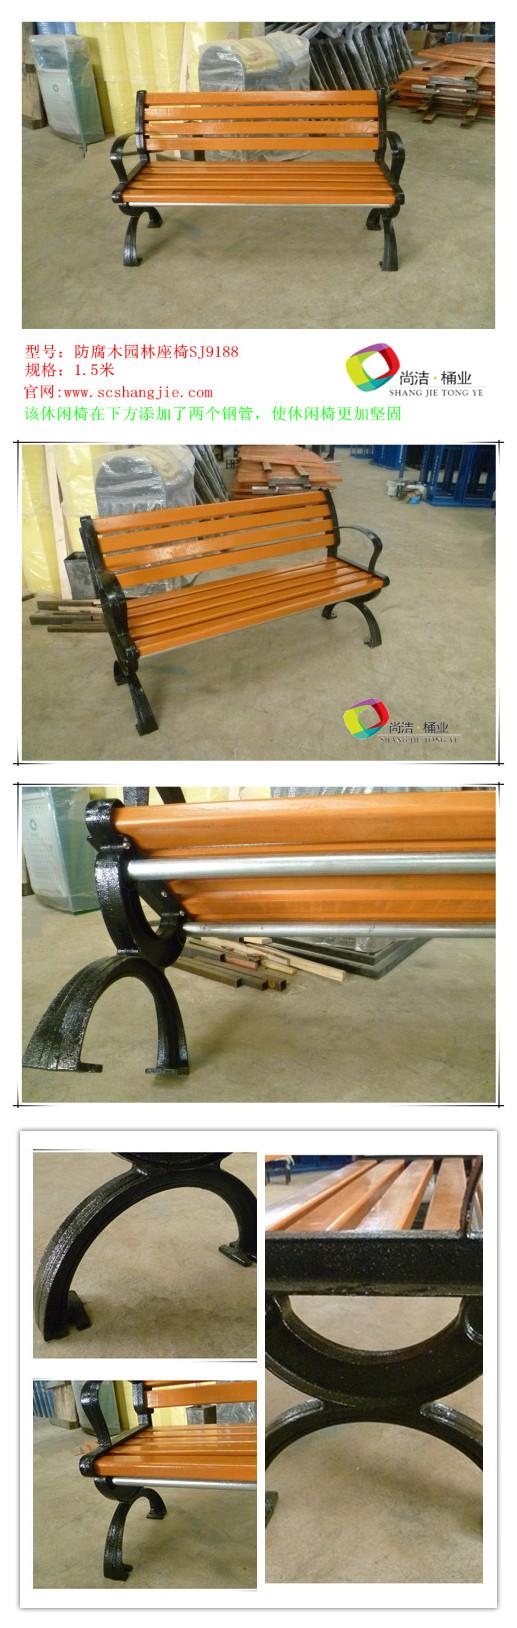 园林休闲椅图片,包括各个细节描述和实物图片,带有膨胀螺丝钉固定位